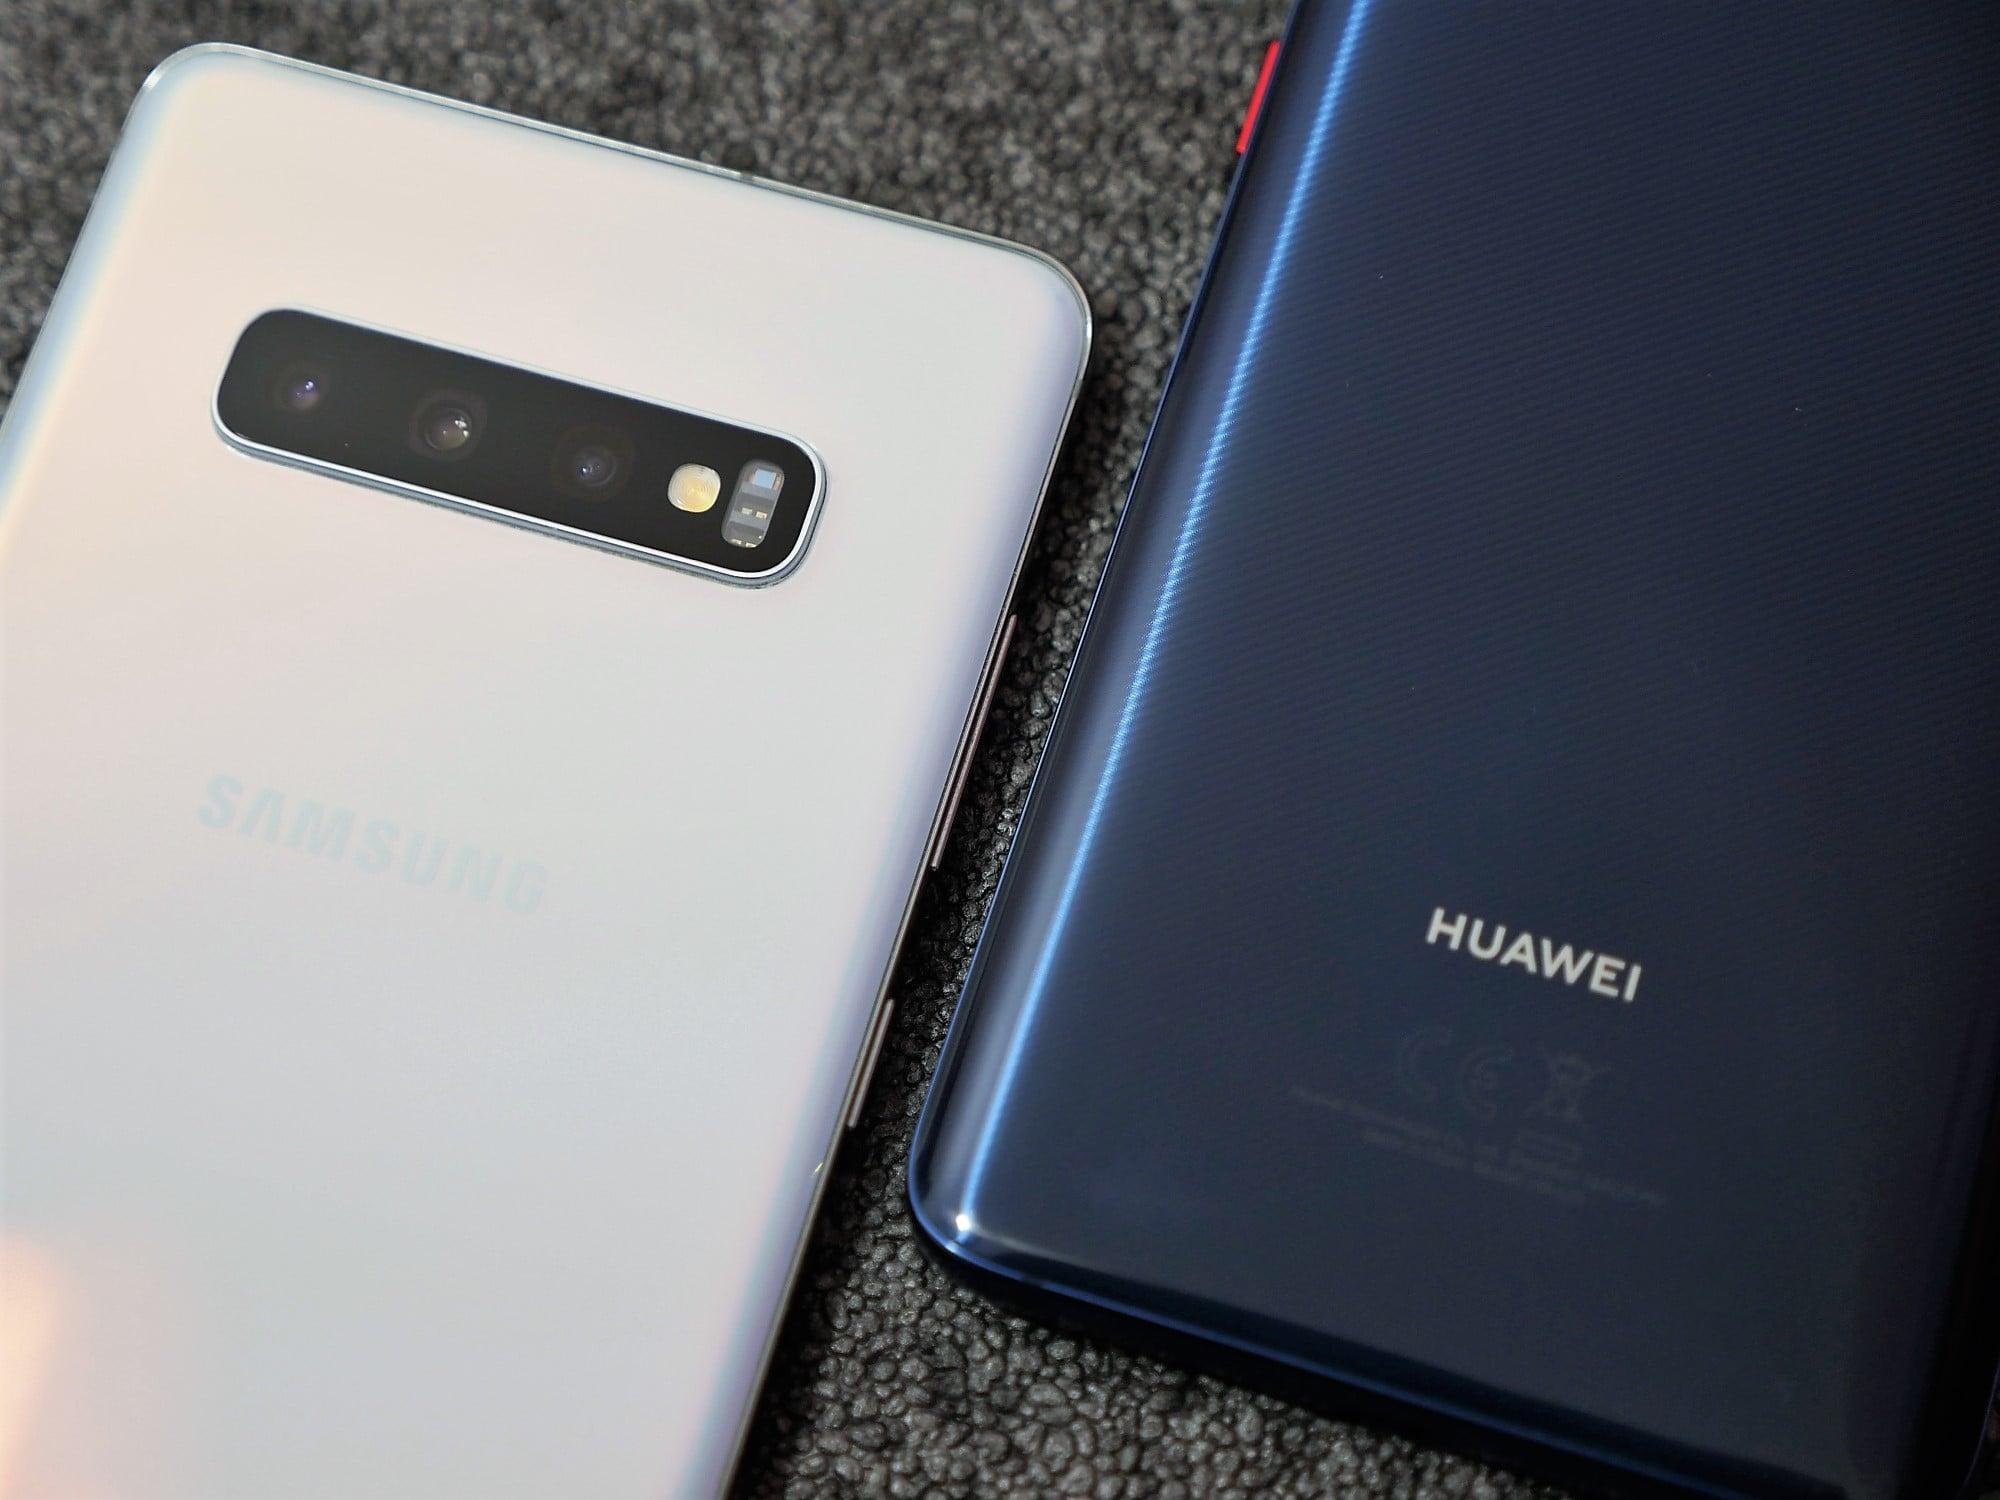 Historyczny moment - Huawei największym producentem smartfonów na świecie, Samsung oddał koronę 18